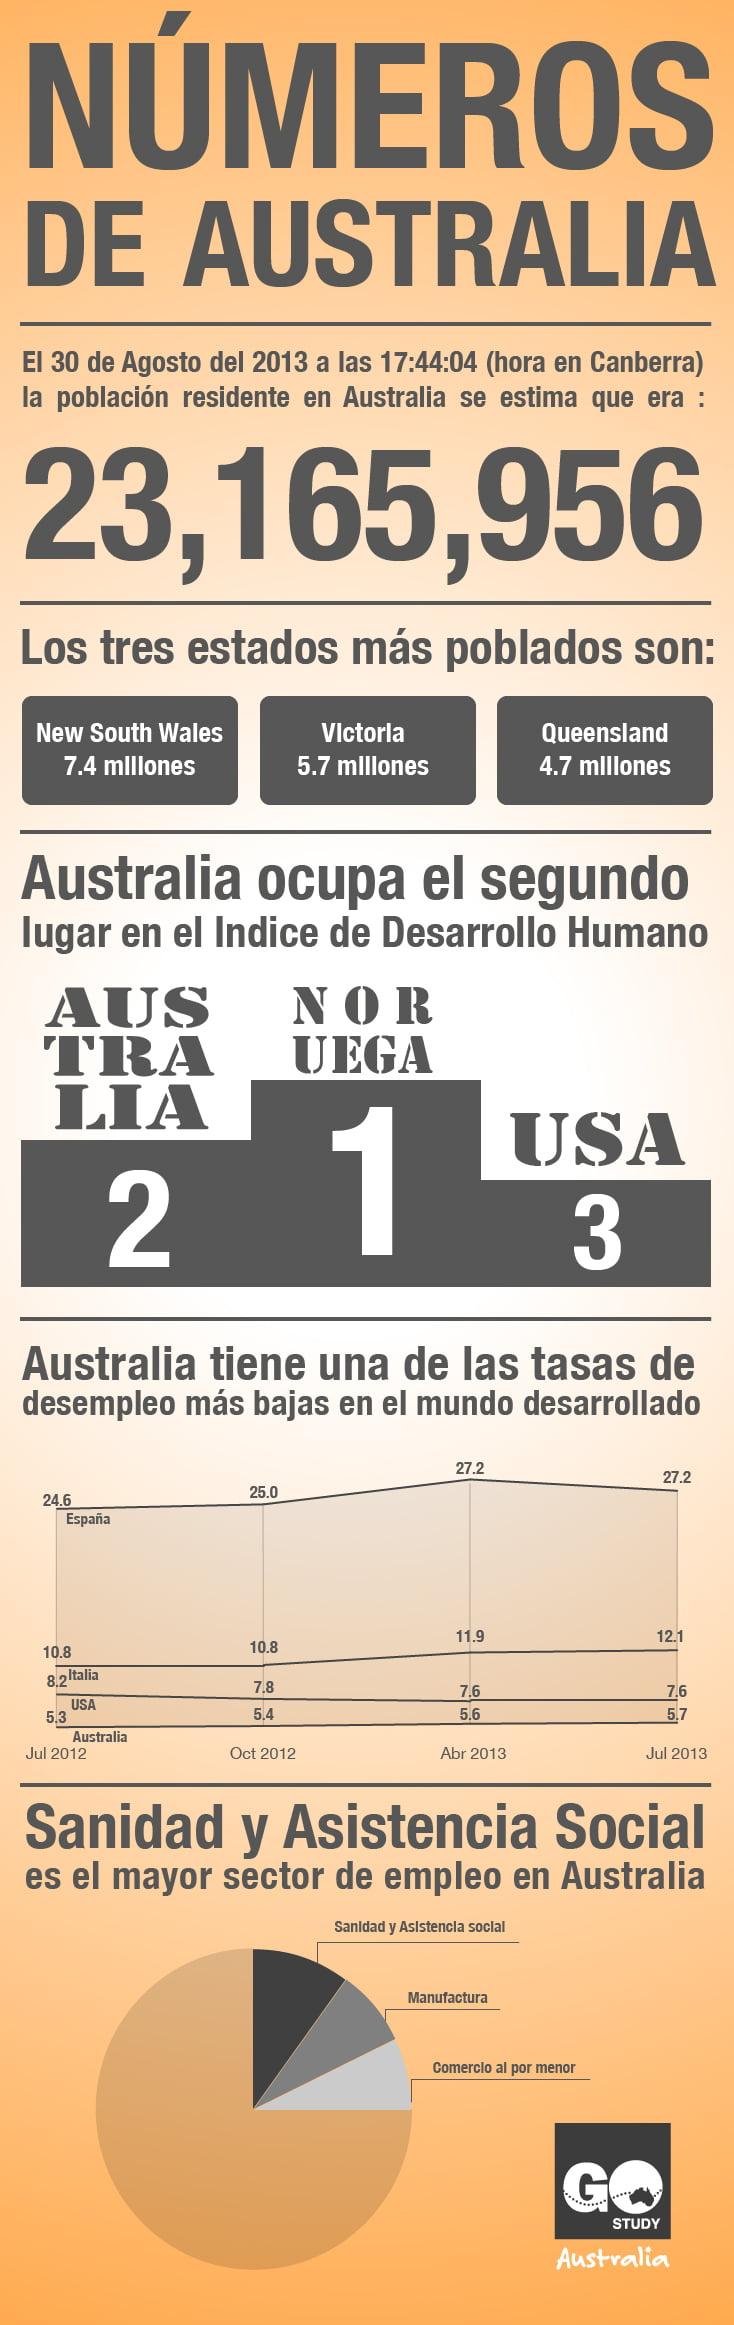 Numeros de Australia